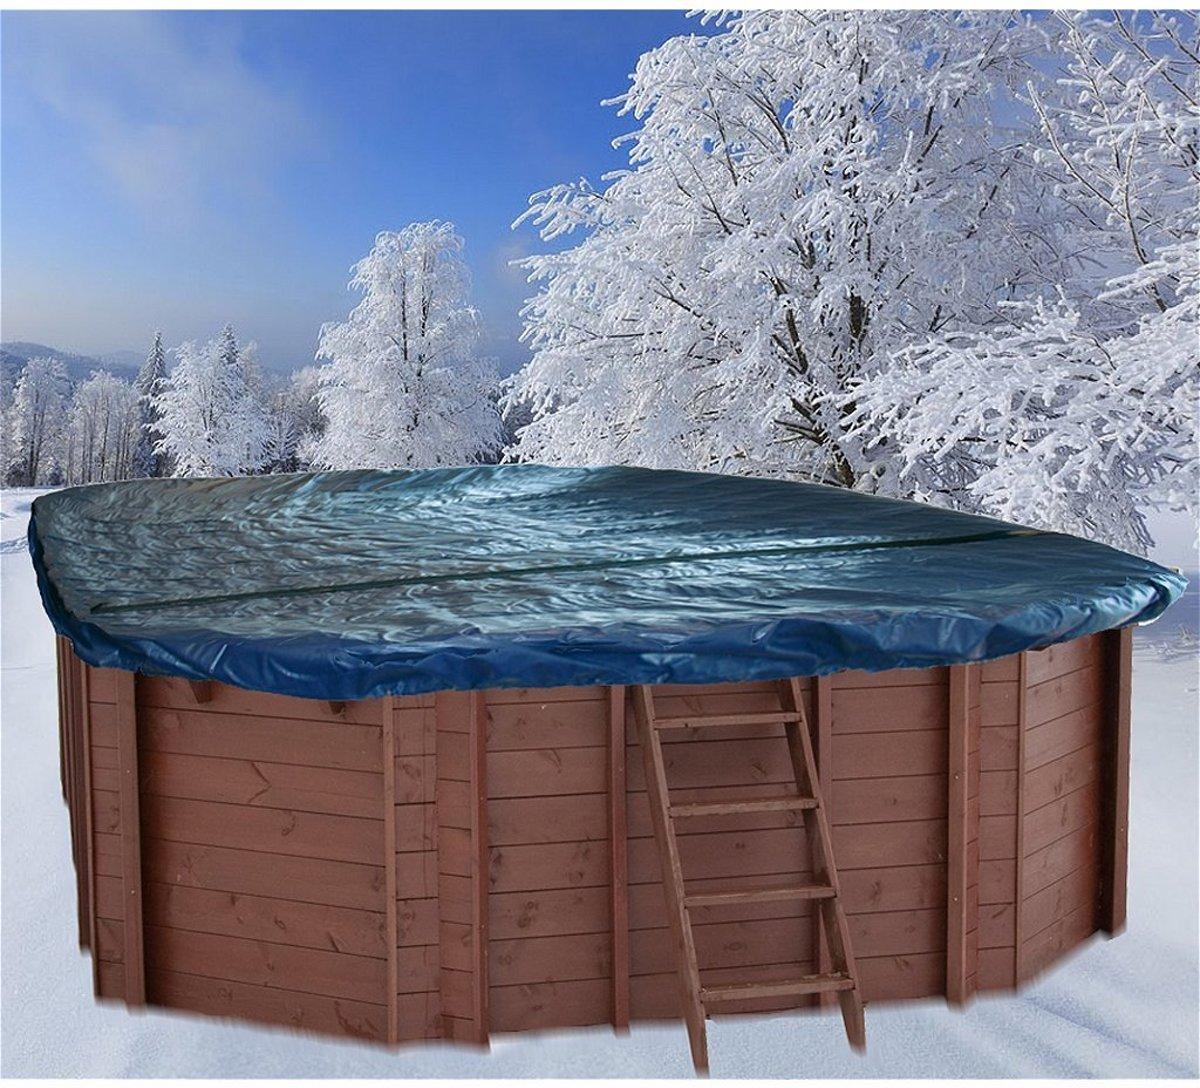 Interline Winterafdekking voor Houten Zwembad Ovaal 8-Hoek 840x490 cm